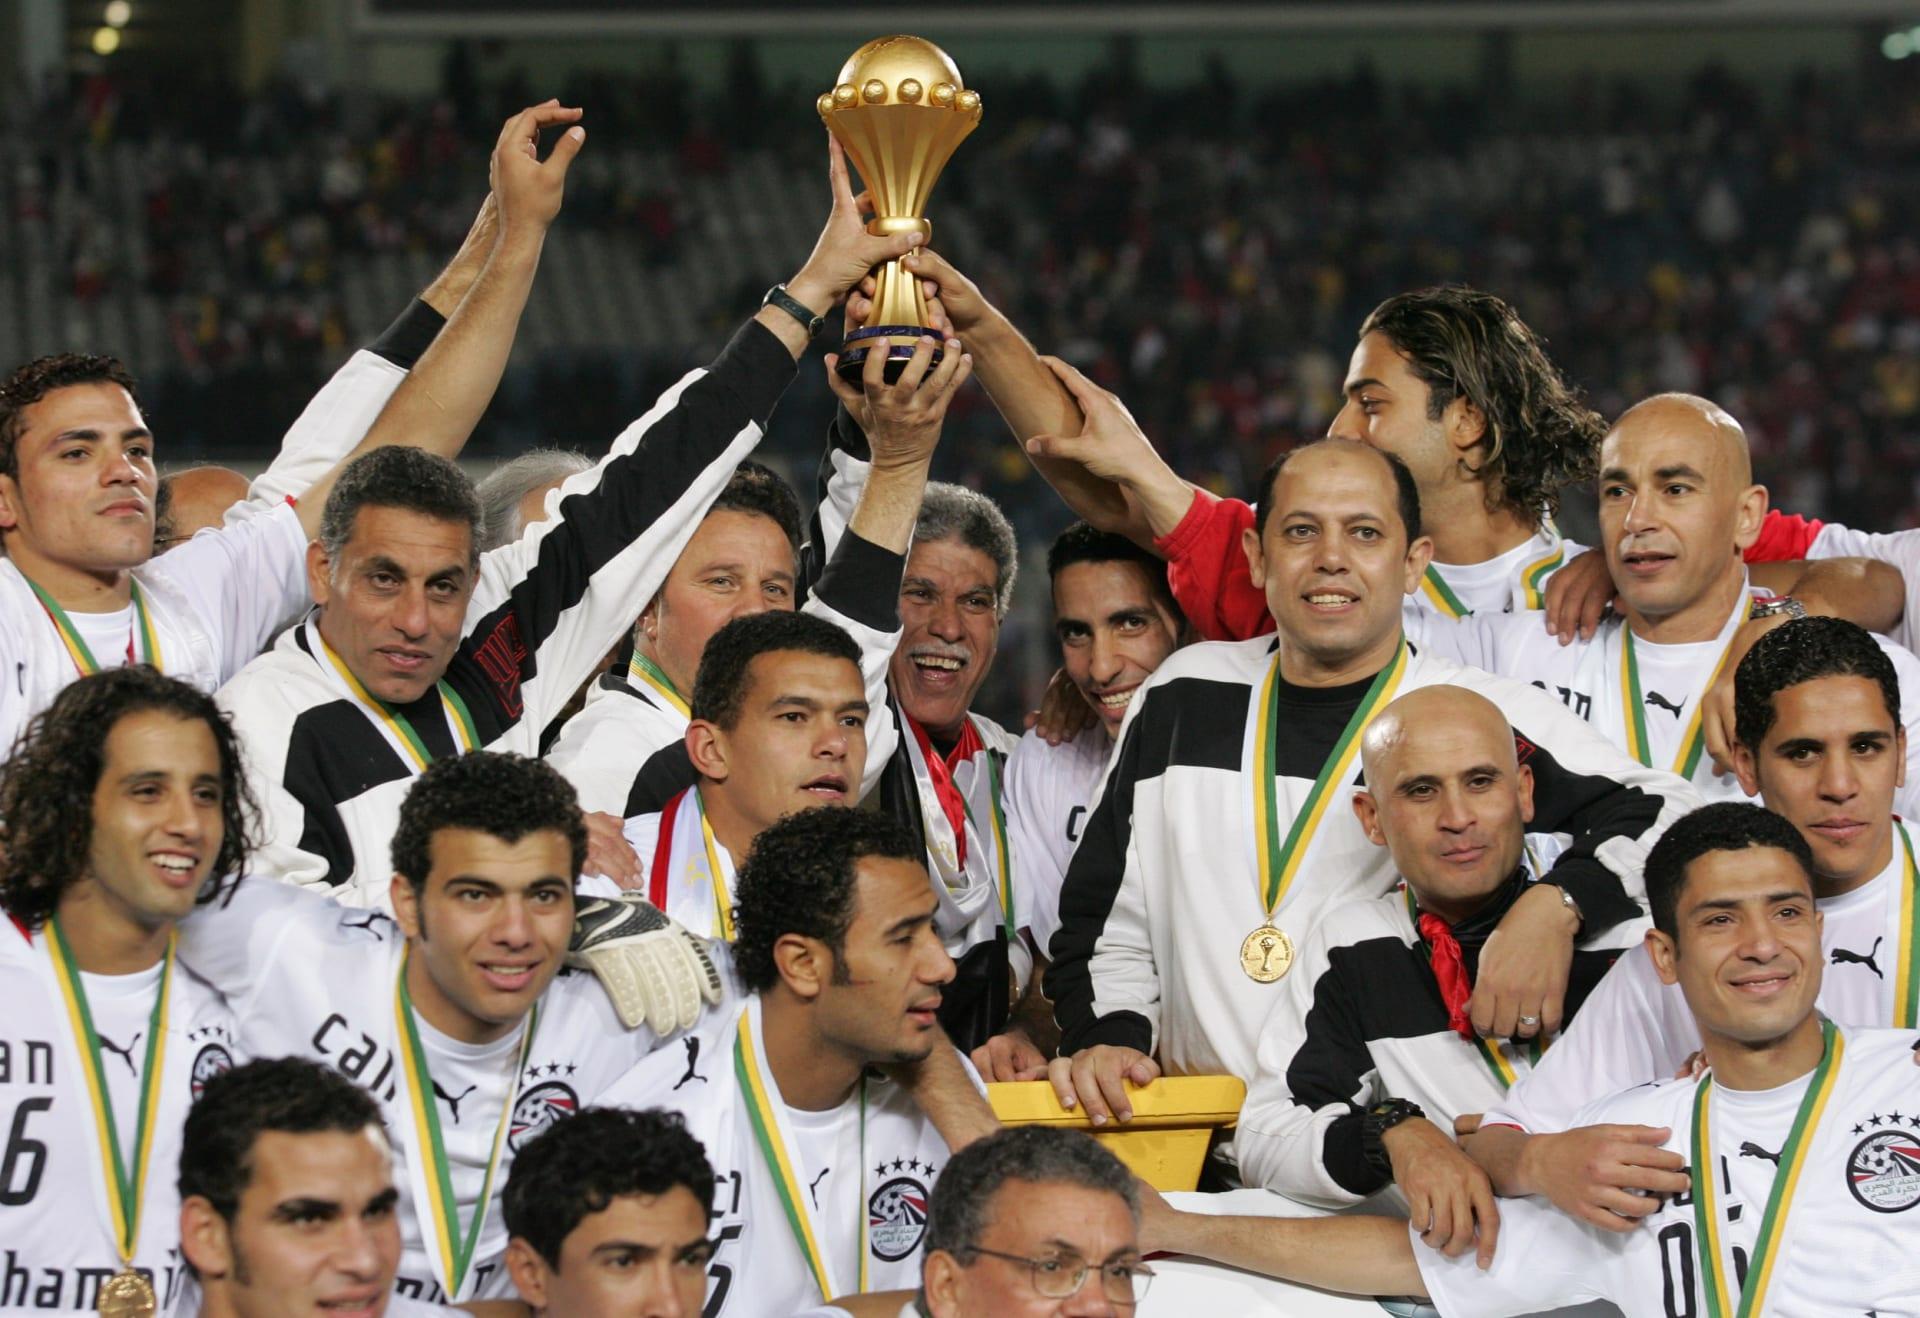 في مثل هذا اليوم.. مصر تحصد اللقب الخامس وتصبح الأكثر تتويجا بأمم أفريقيا